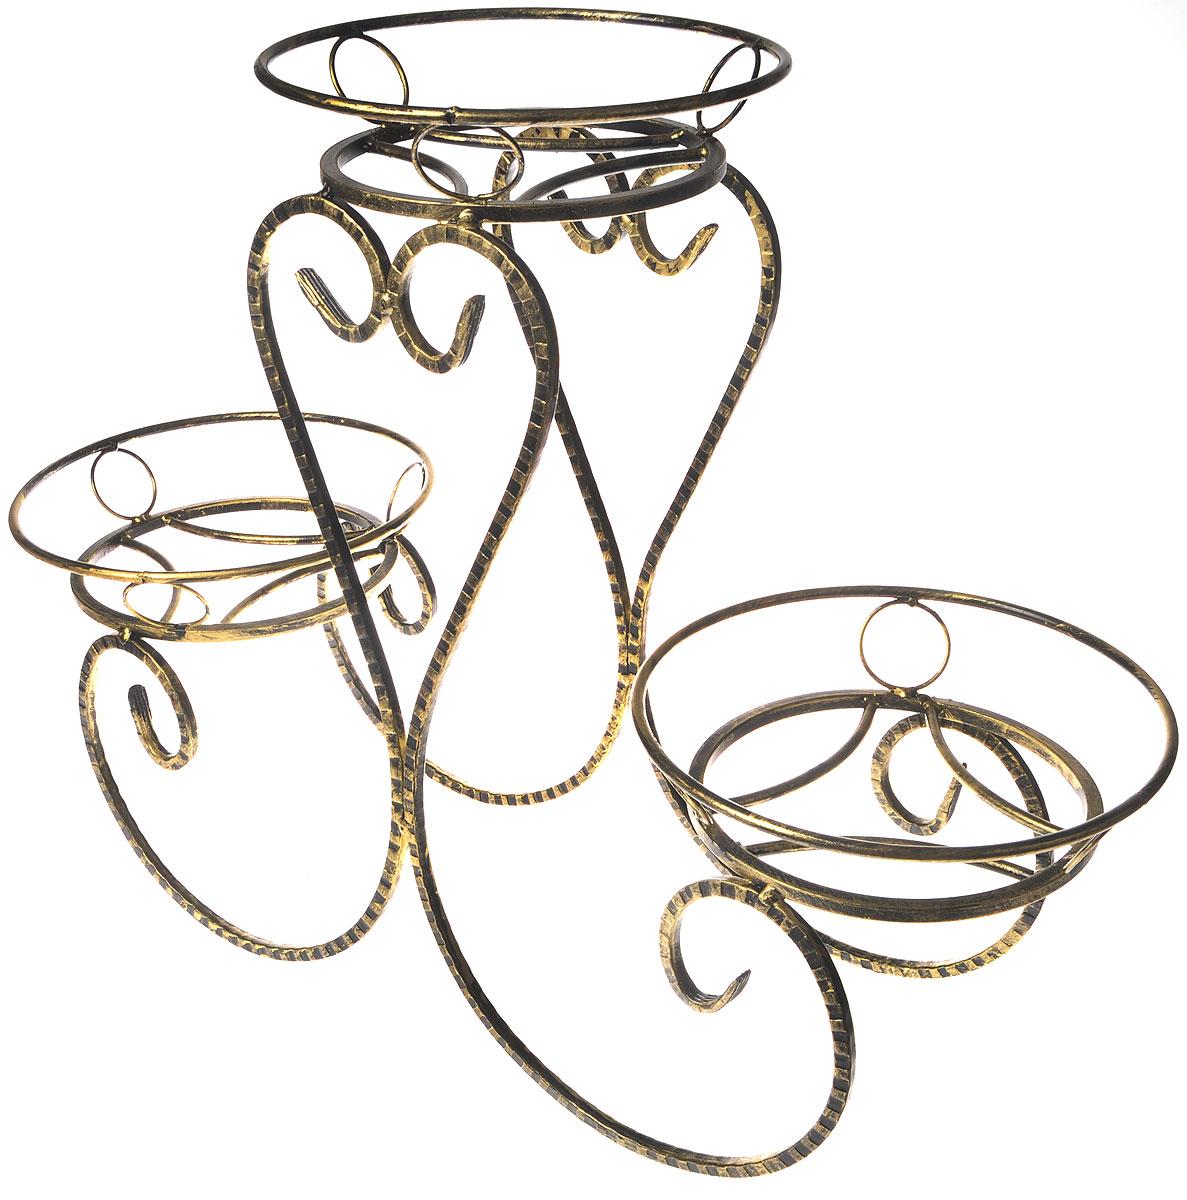 Подставка для цветов Фабрика ковки Классика, на 3 цветка, цвет: черный, золотистый. 70-04370-043Подставка Фабрика ковки Классика предназначена для размещения трех цветочных кашпо, одно размещается на верхнем уровне, два на нижнем. Подставка выполнена из резного окрашенного металла. Ножки выполнены в виде завитков, на которых расположены подставки, декорированные кольцами. Симметричность подставки не только обеспечивает высокую надежность установки цветков, но и придает ей строгий и презентабельный вид.Размер подставки: 80 х 29 х 60 см.Диаметр полок (по верхнему краю): 29 см.